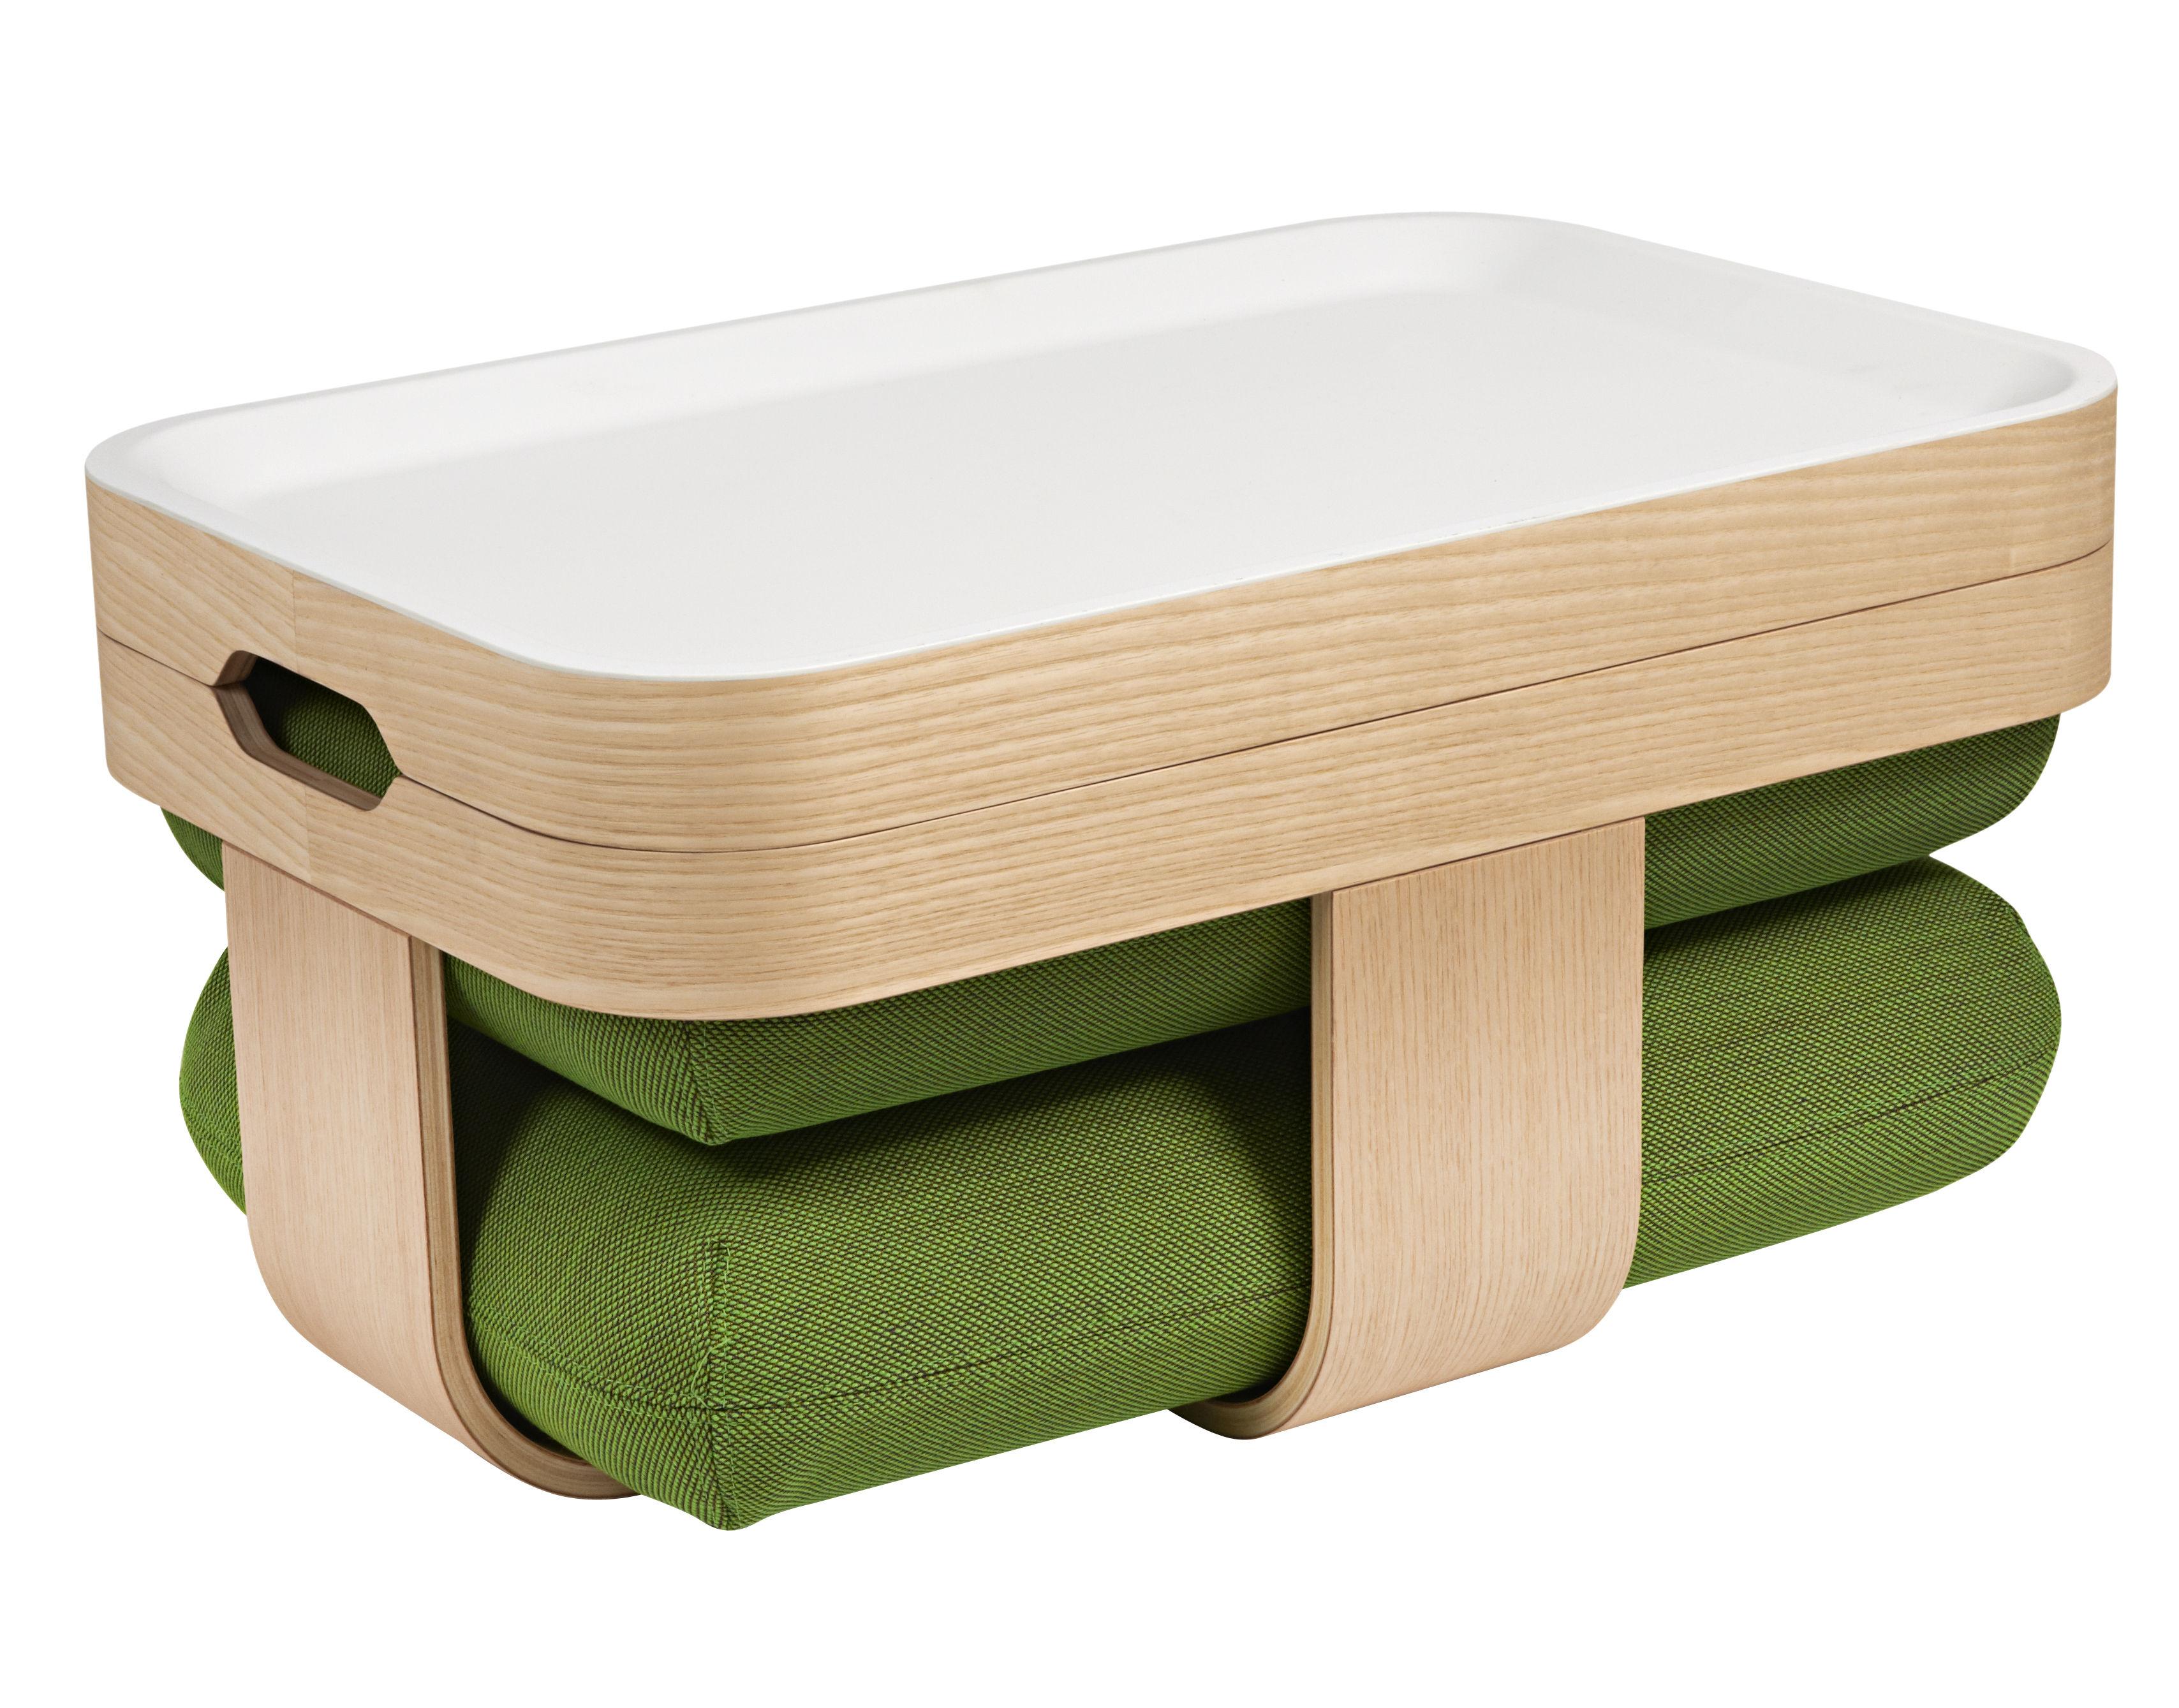 scopri tavolino mister t trasformabile in pouf e pioggia. Black Bedroom Furniture Sets. Home Design Ideas